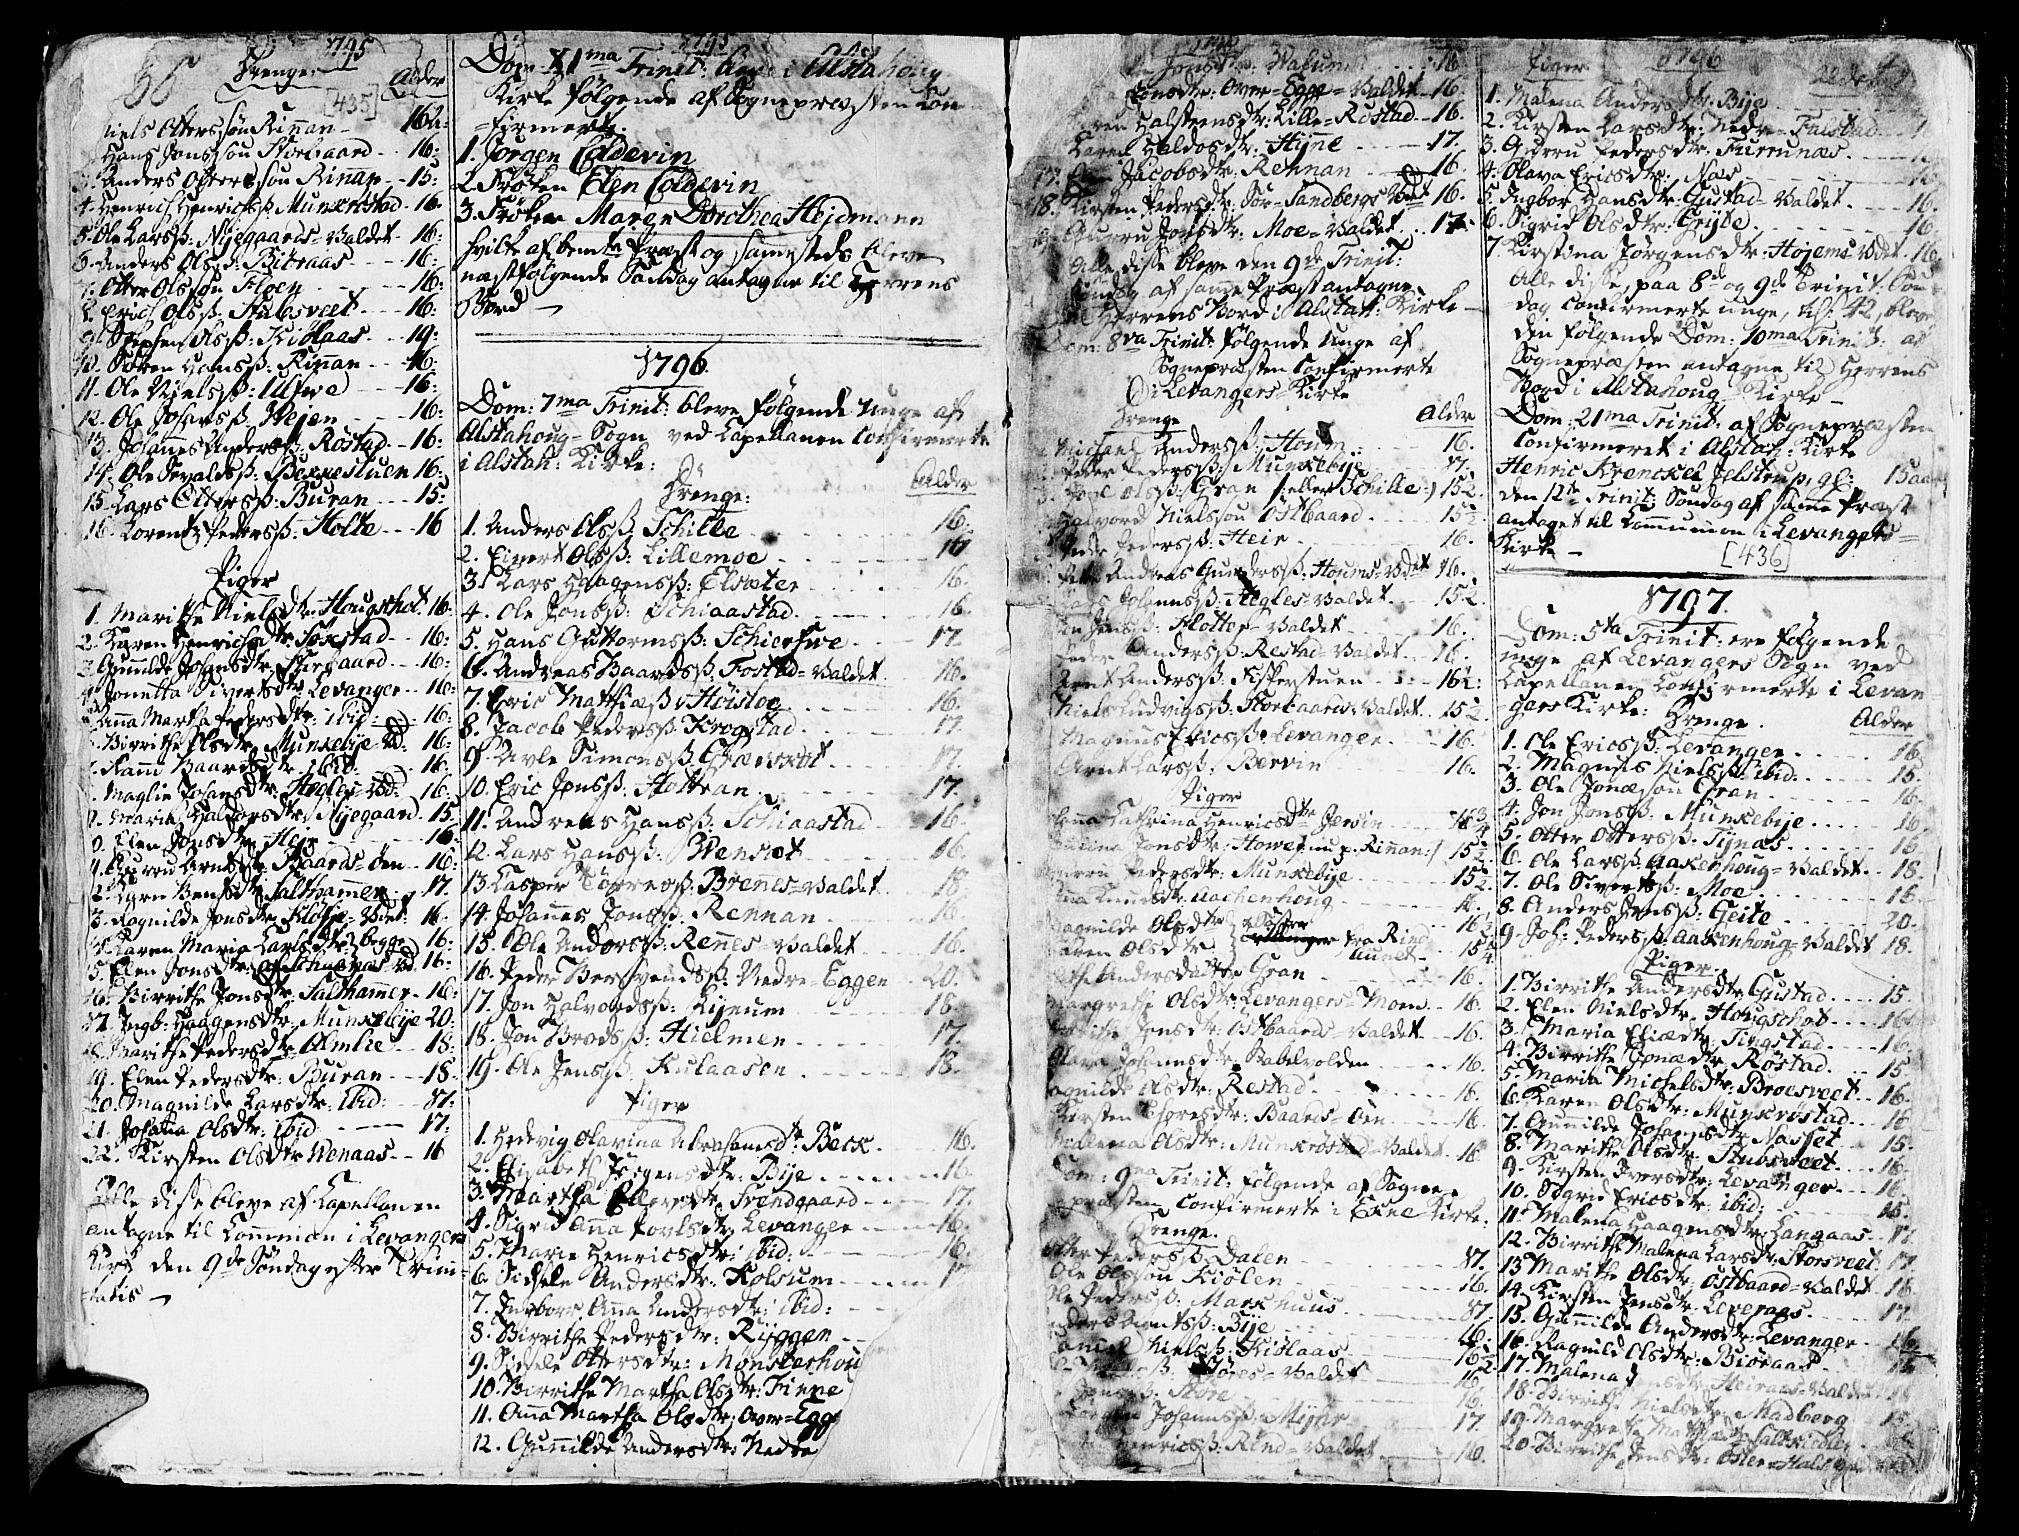 SAT, Ministerialprotokoller, klokkerbøker og fødselsregistre - Nord-Trøndelag, 717/L0141: Ministerialbok nr. 717A01, 1747-1803, s. 435-436